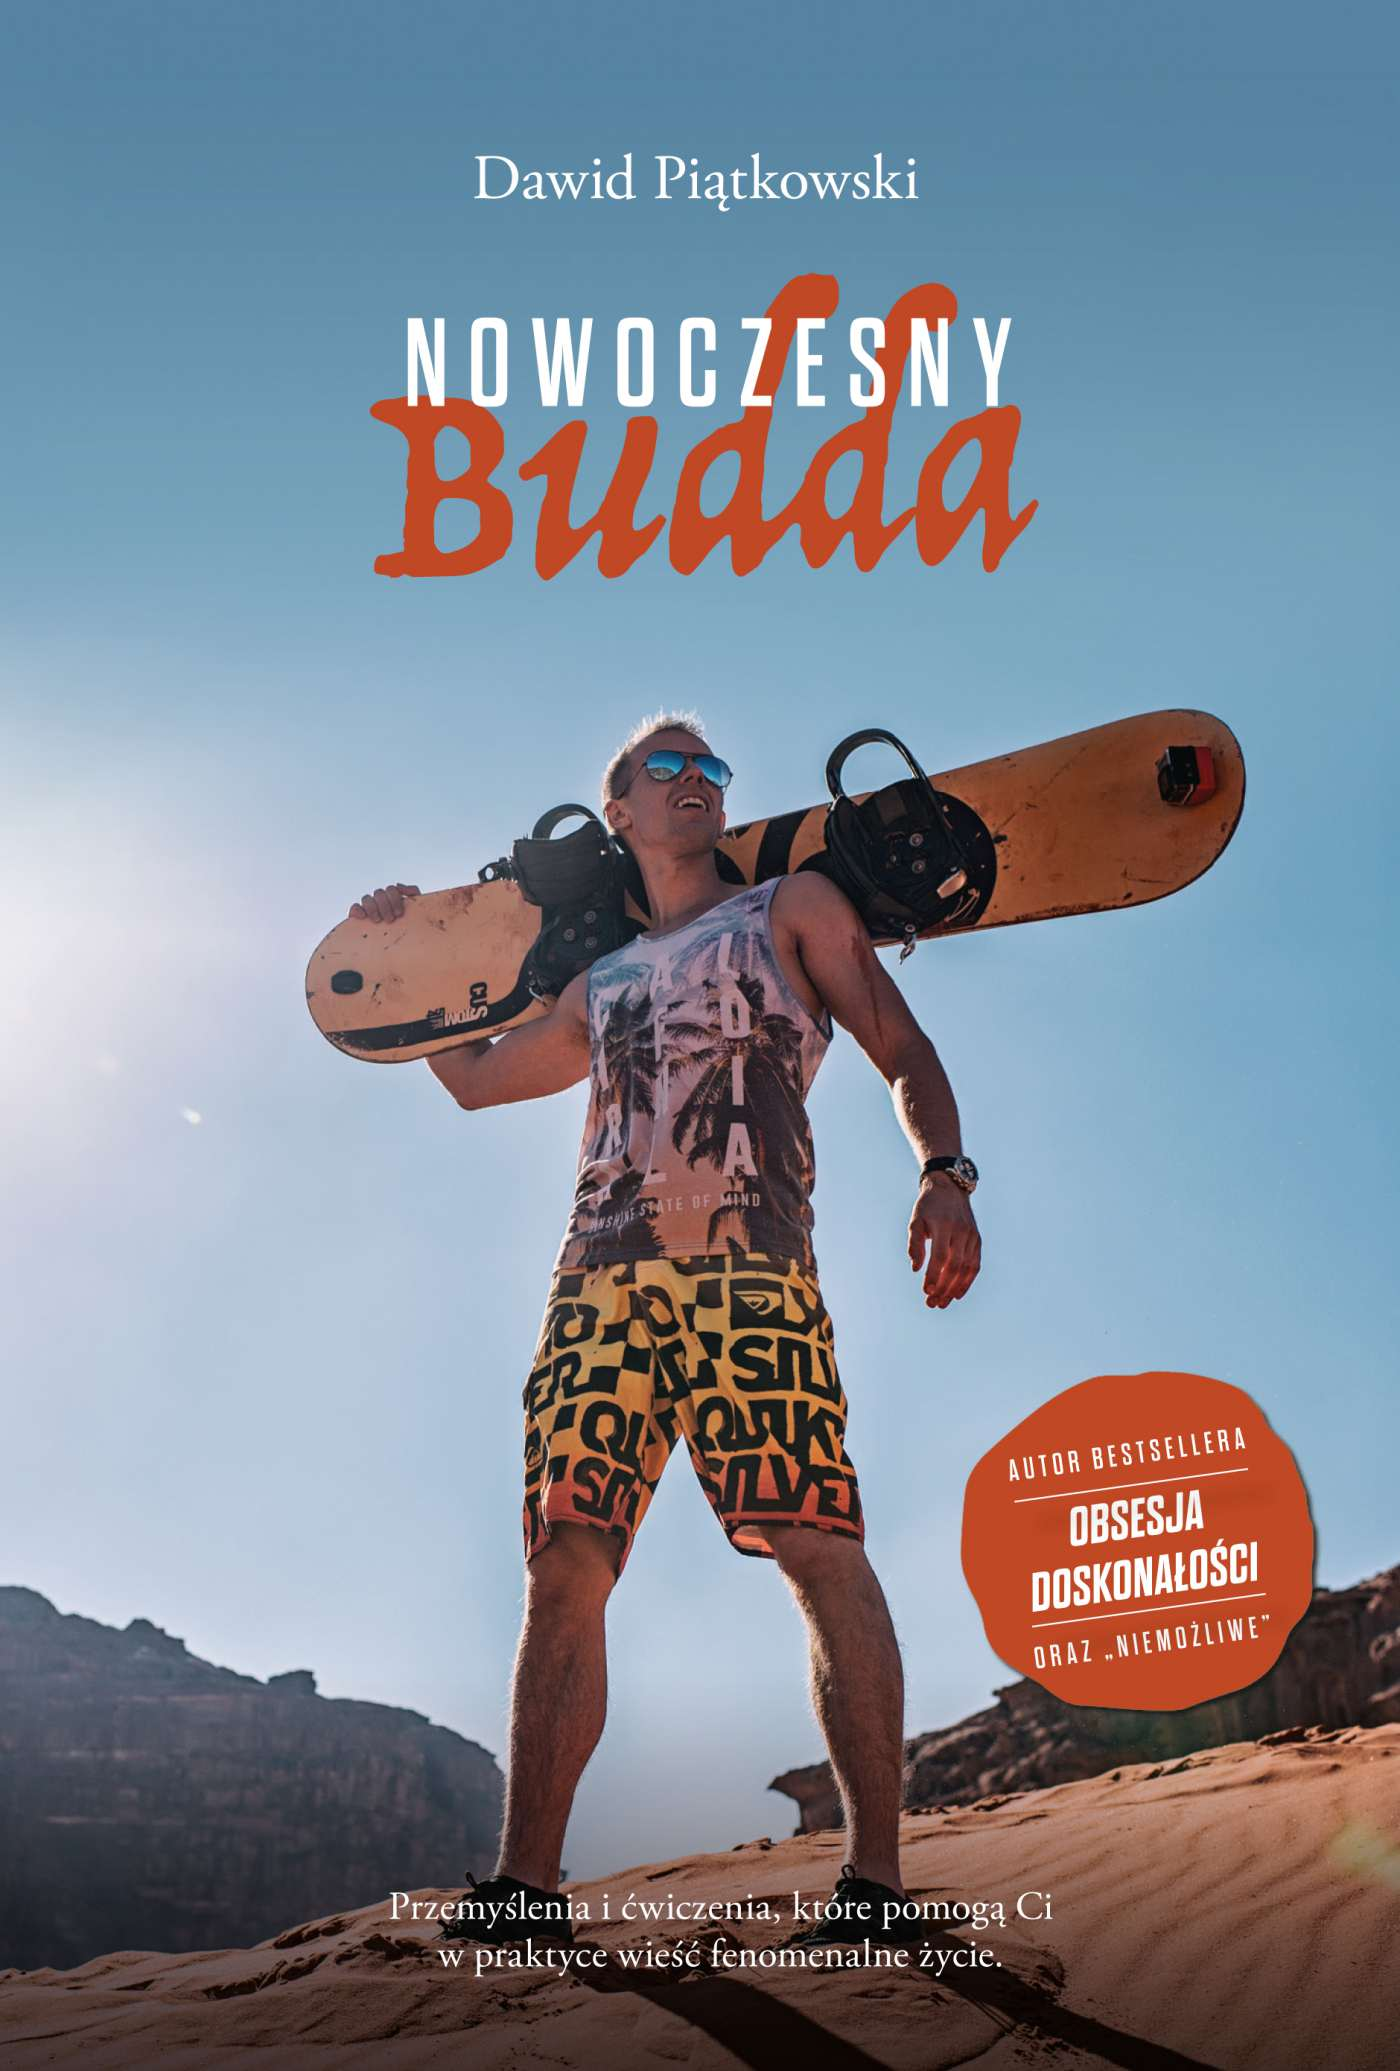 Nowoczesny Budda - Ebook (Książka EPUB) do pobrania w formacie EPUB